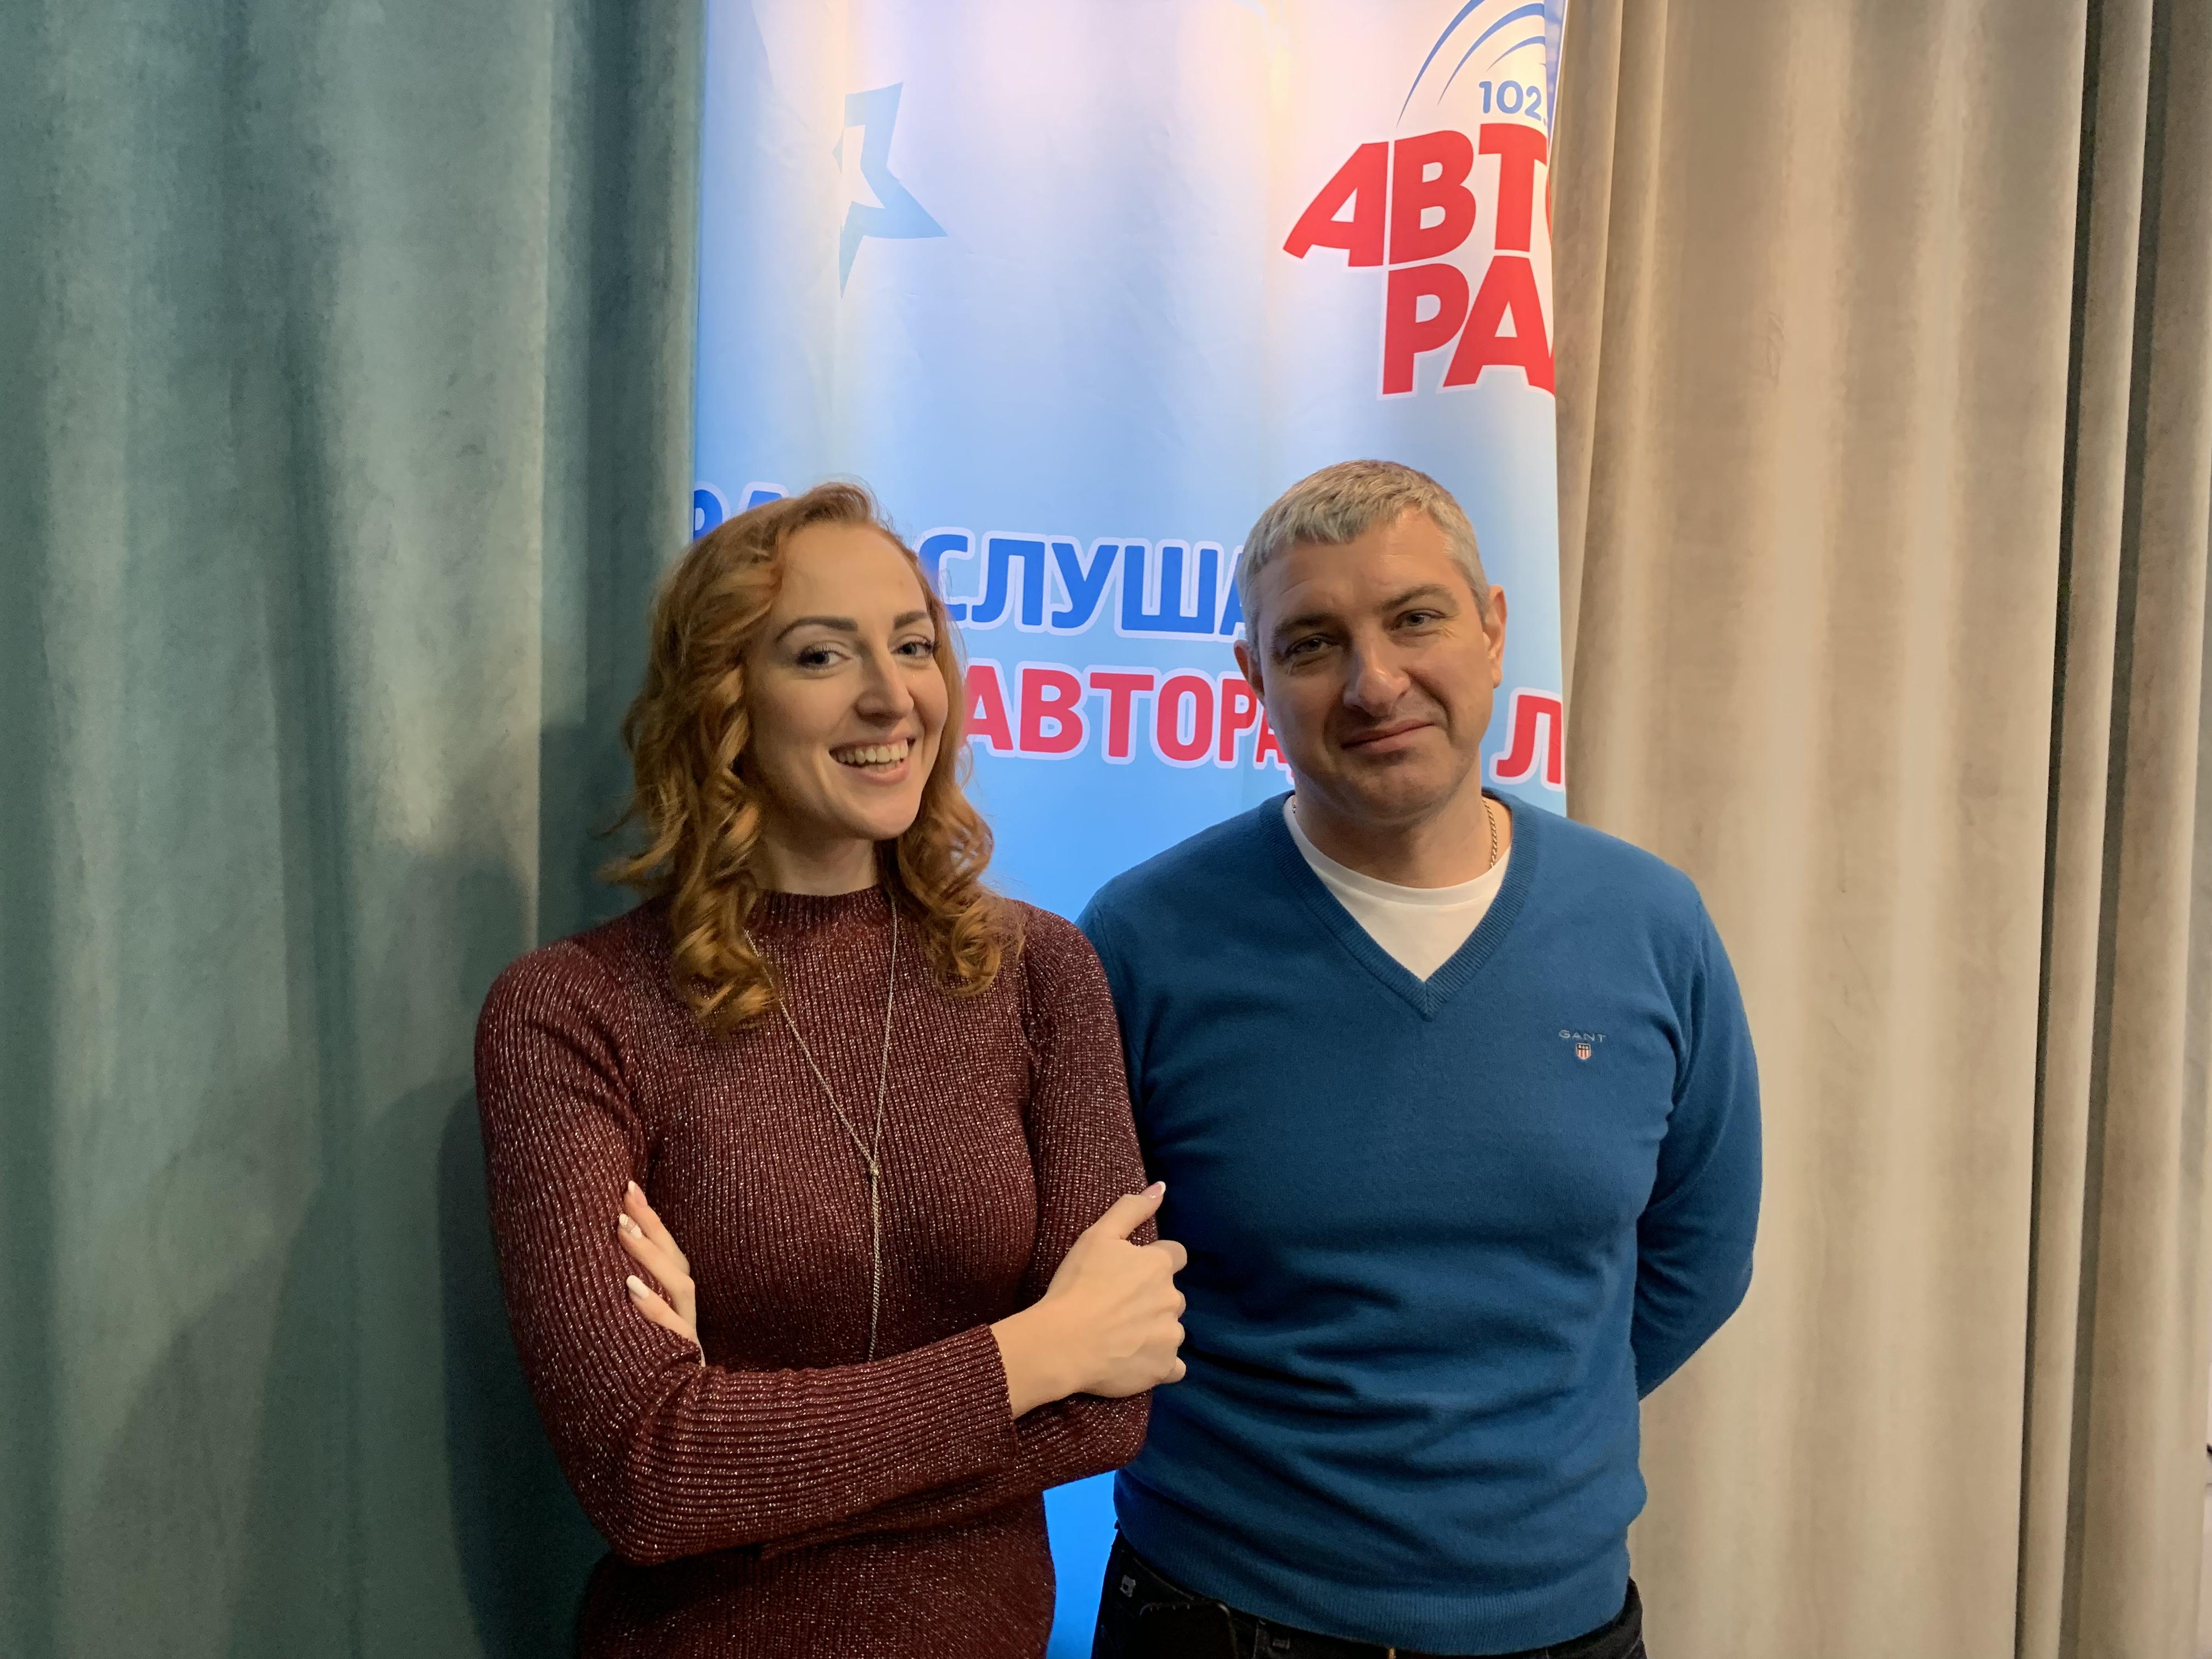 murashov-ksenofobiya-170119-ar-1